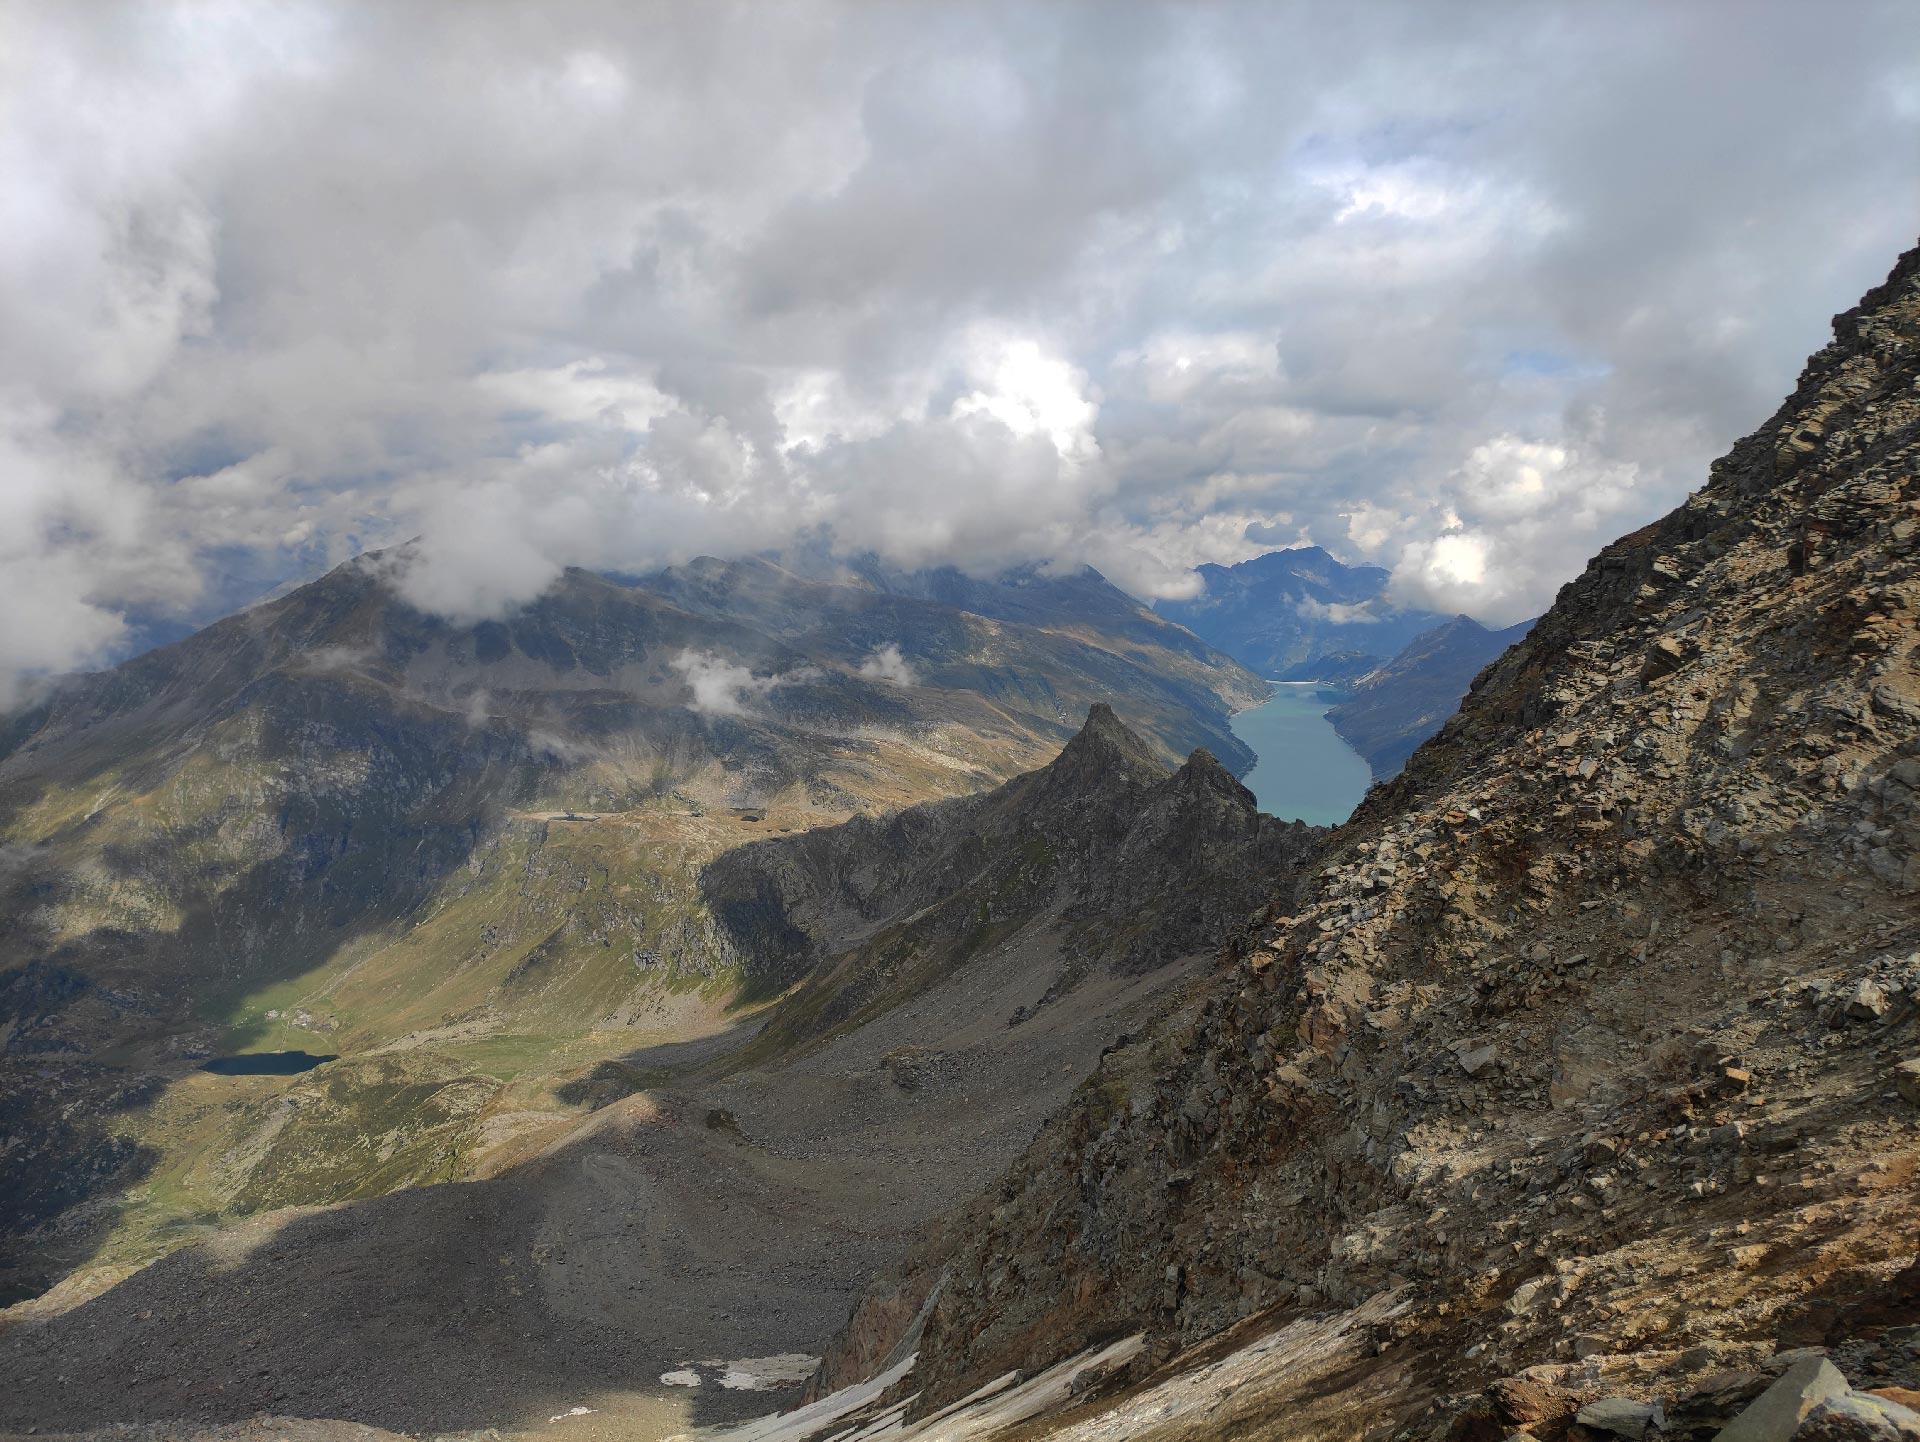 Veduta del lago di Lei salendo verso il PIzzo Stella (montagna), Madesimo, Lombardia